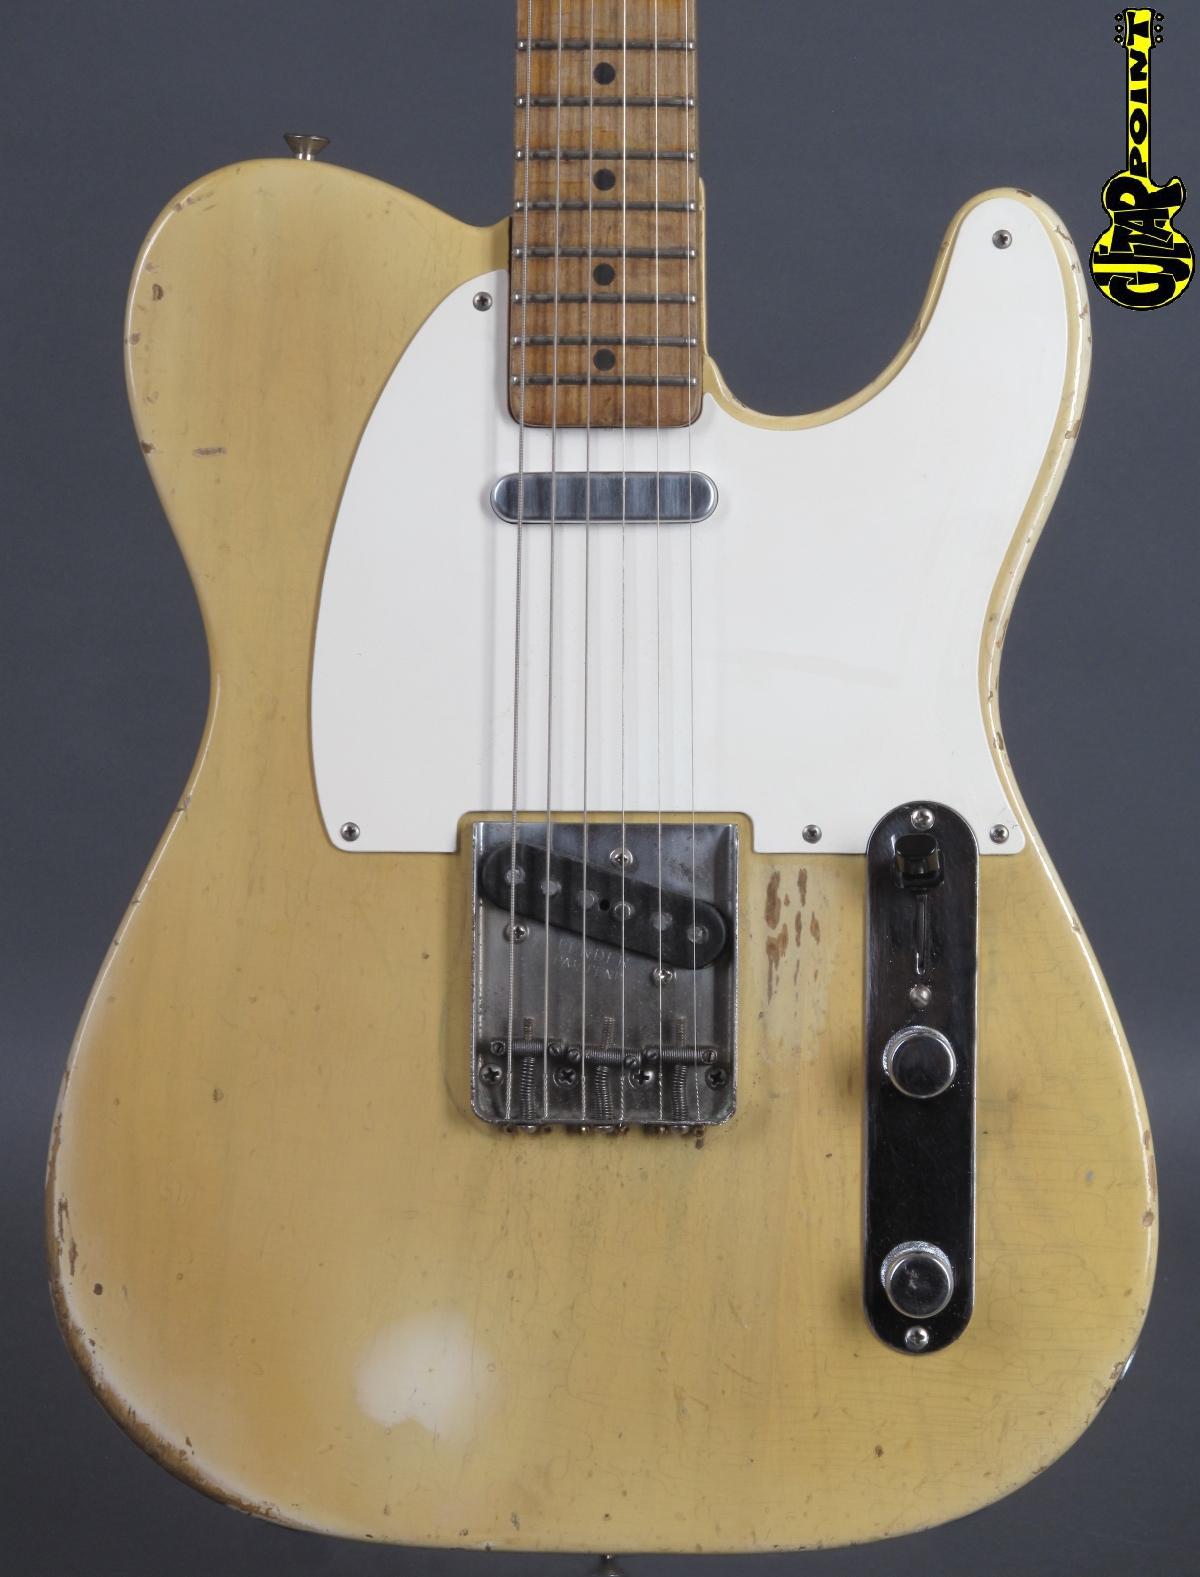 1959 Fender Telecaster - Blond